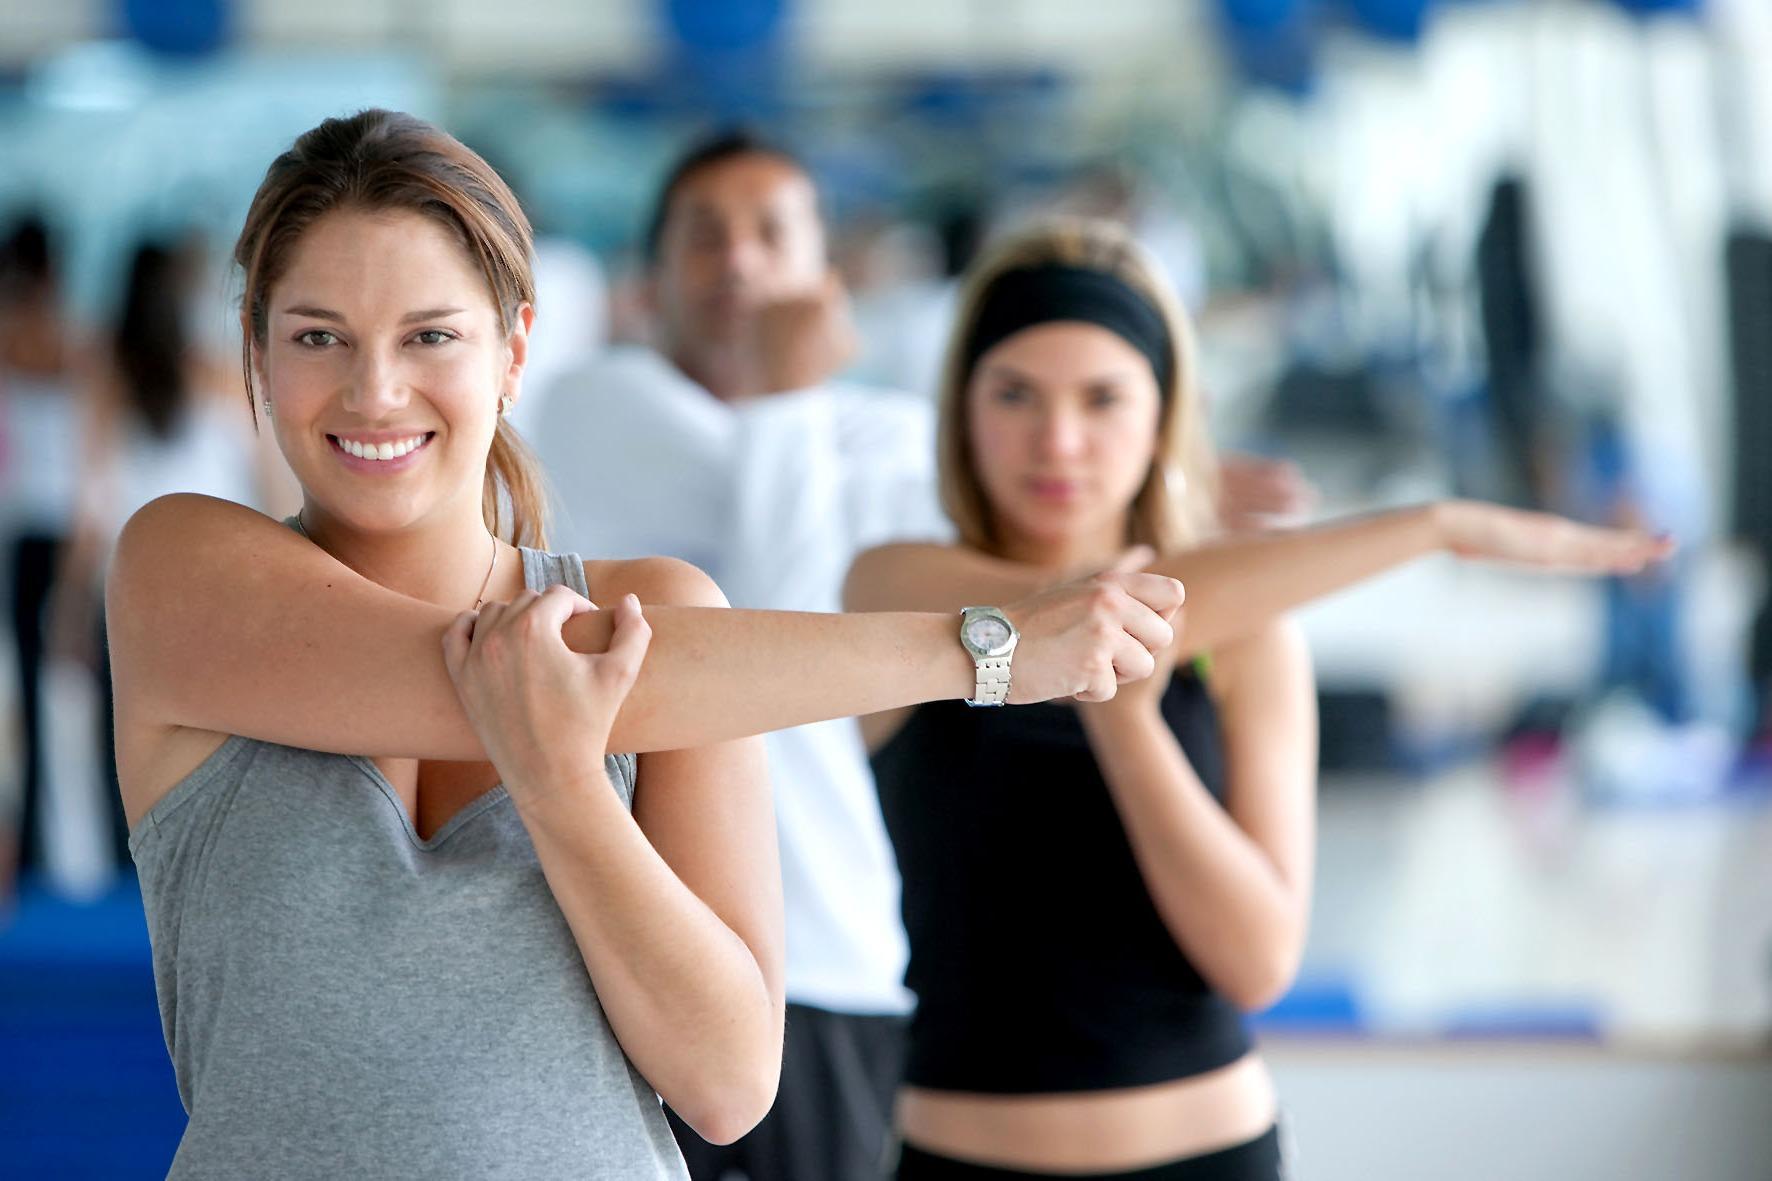 É Aconselhável Alongar Antes de Praticar Exercício?